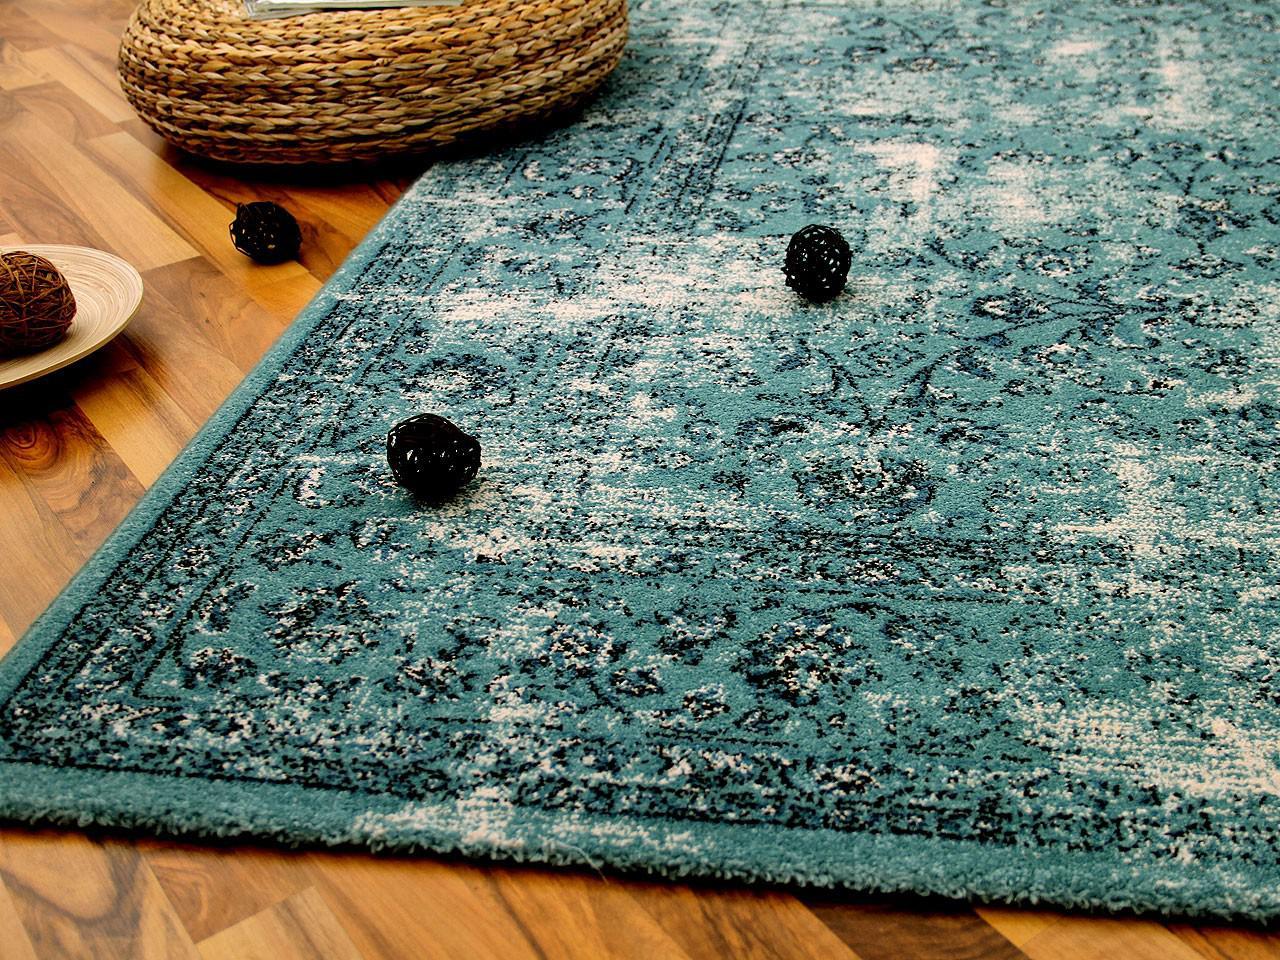 designer teppich arizona vintage orient t rkis kaufen bei teppichversand24. Black Bedroom Furniture Sets. Home Design Ideas